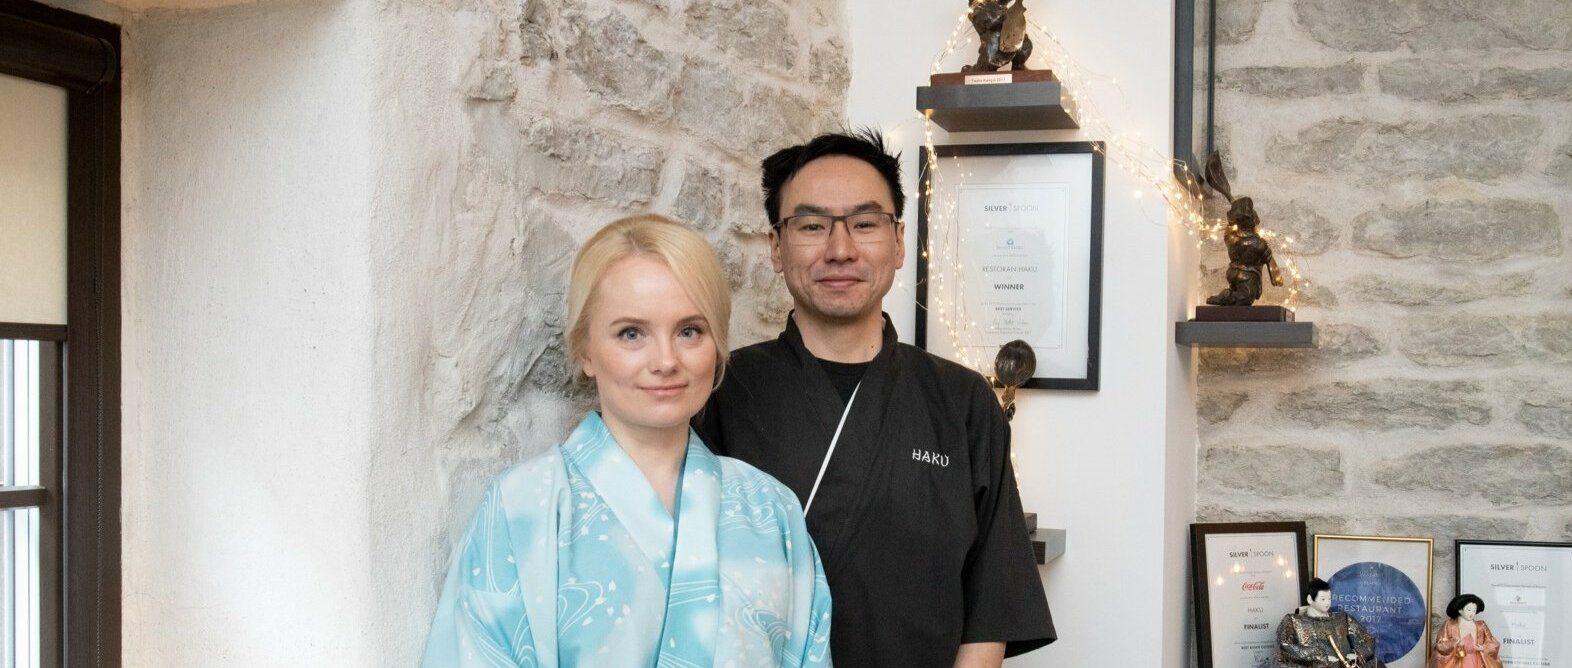 Hubases Haku restoranis toimetab Shuichi köögis ja abikaasa Marju tegutseb ettekandjana.